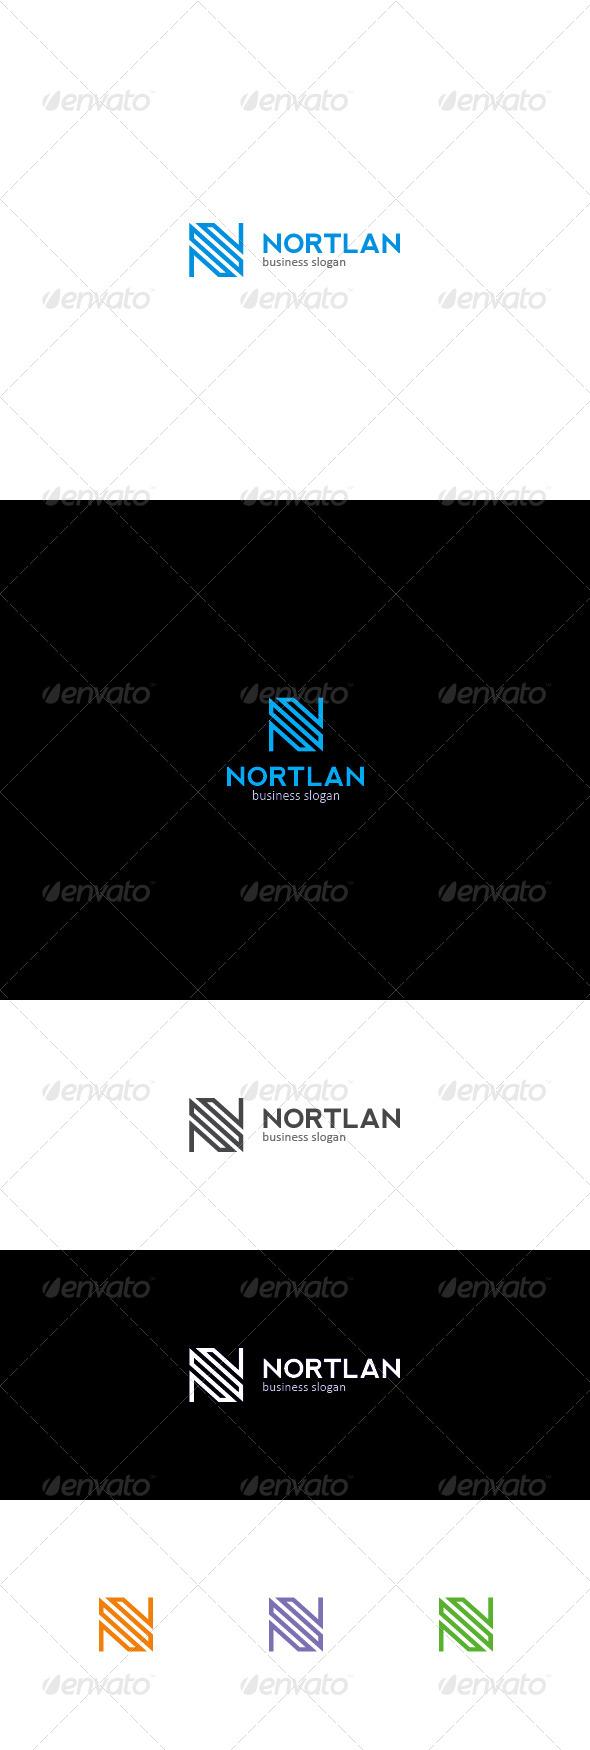 GraphicRiver N Letter Logo NORTLAN 7246910